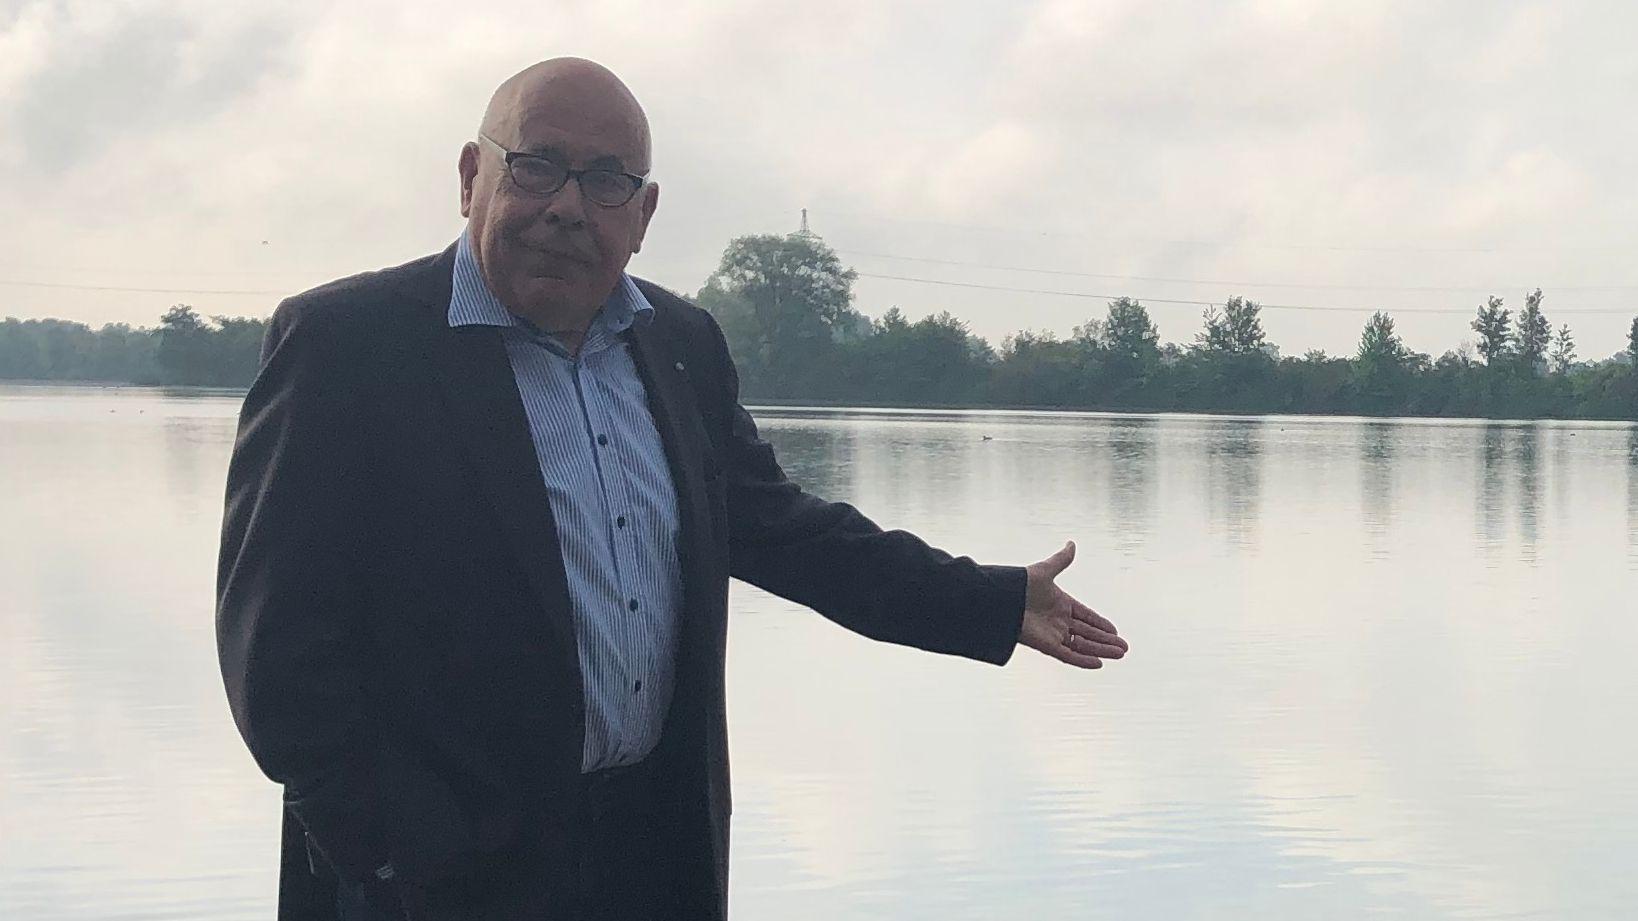 Johannes Strasser im Sommer 2020 - er steht vor einem See